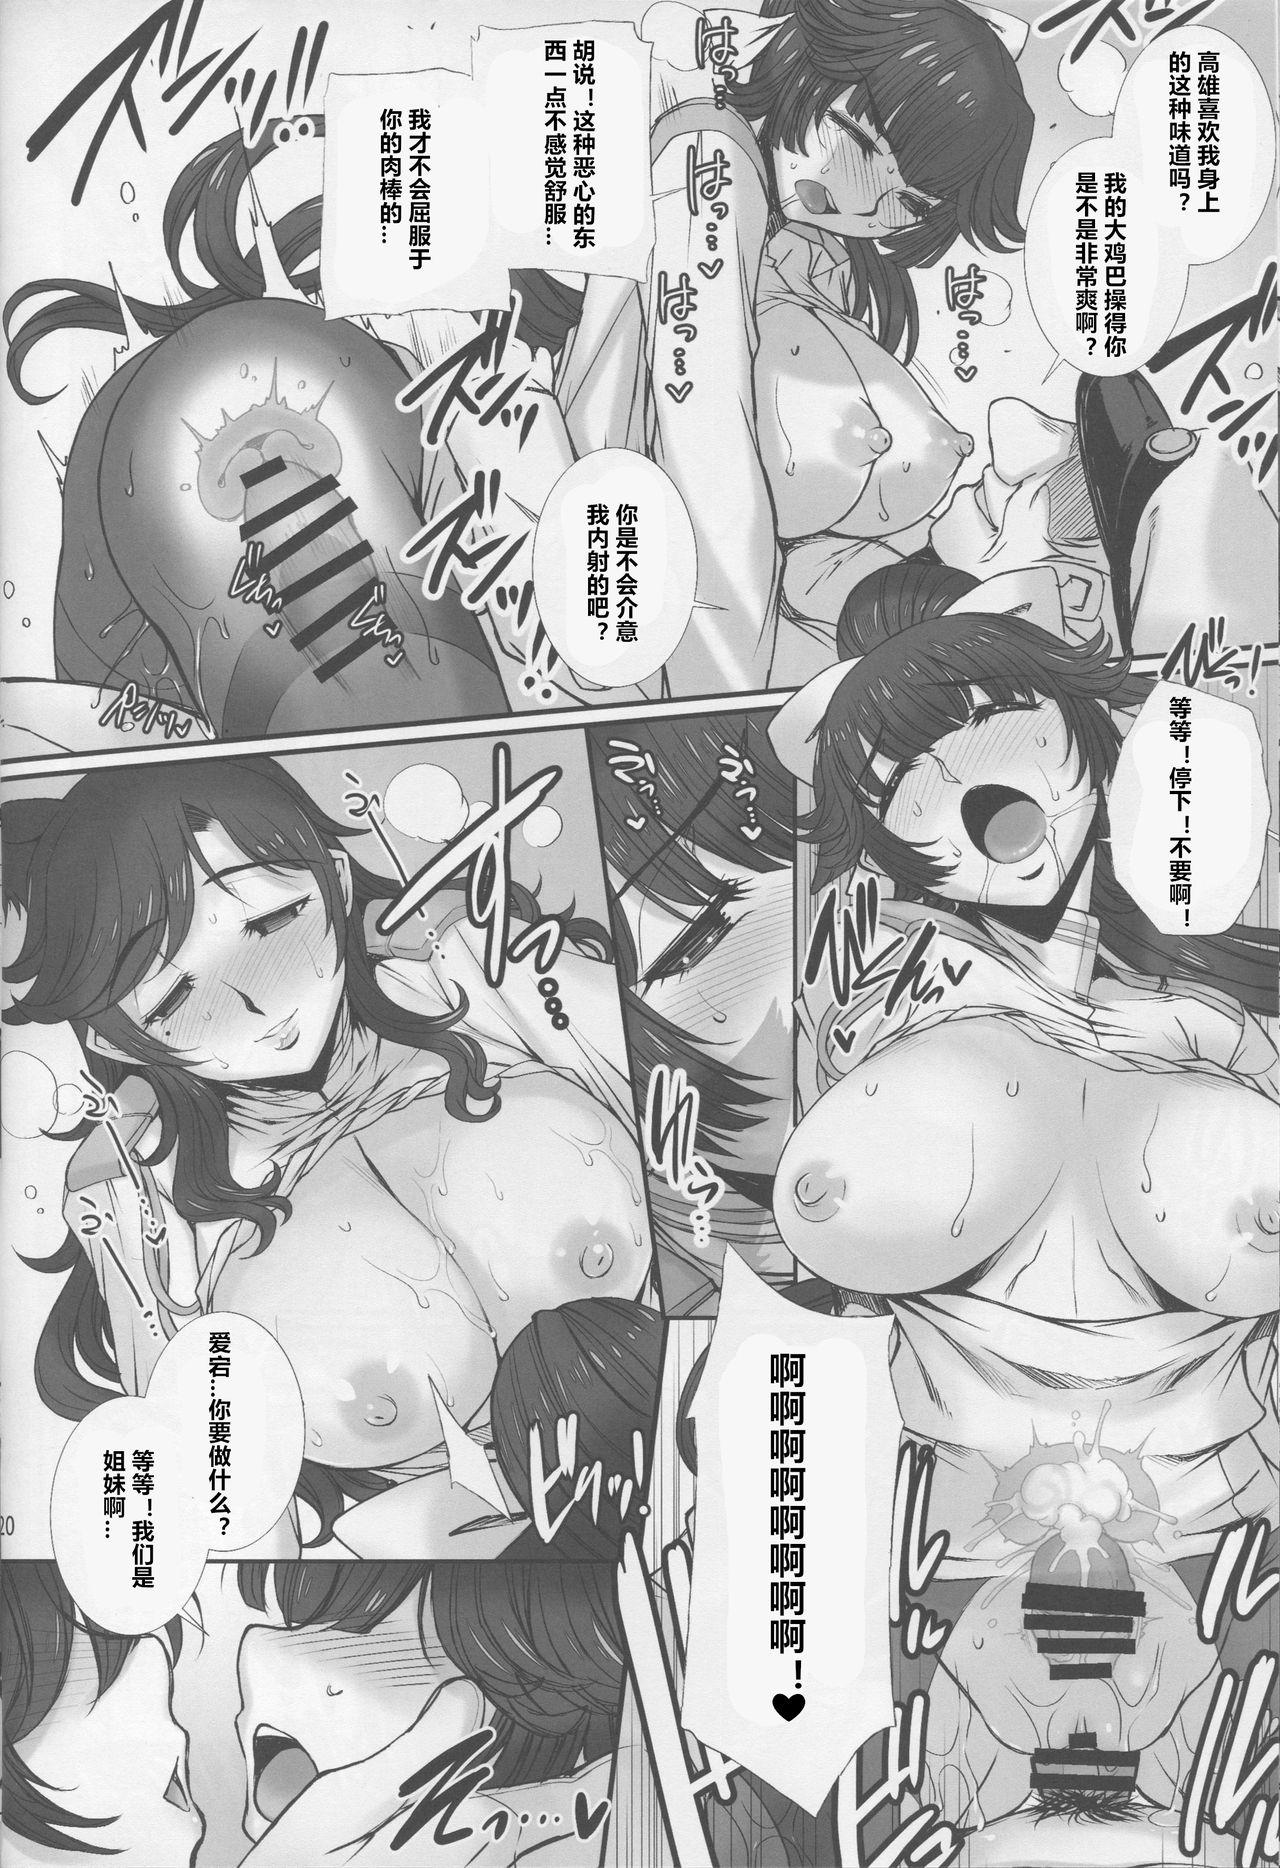 Takao wa Midara ni Musebinaku 18